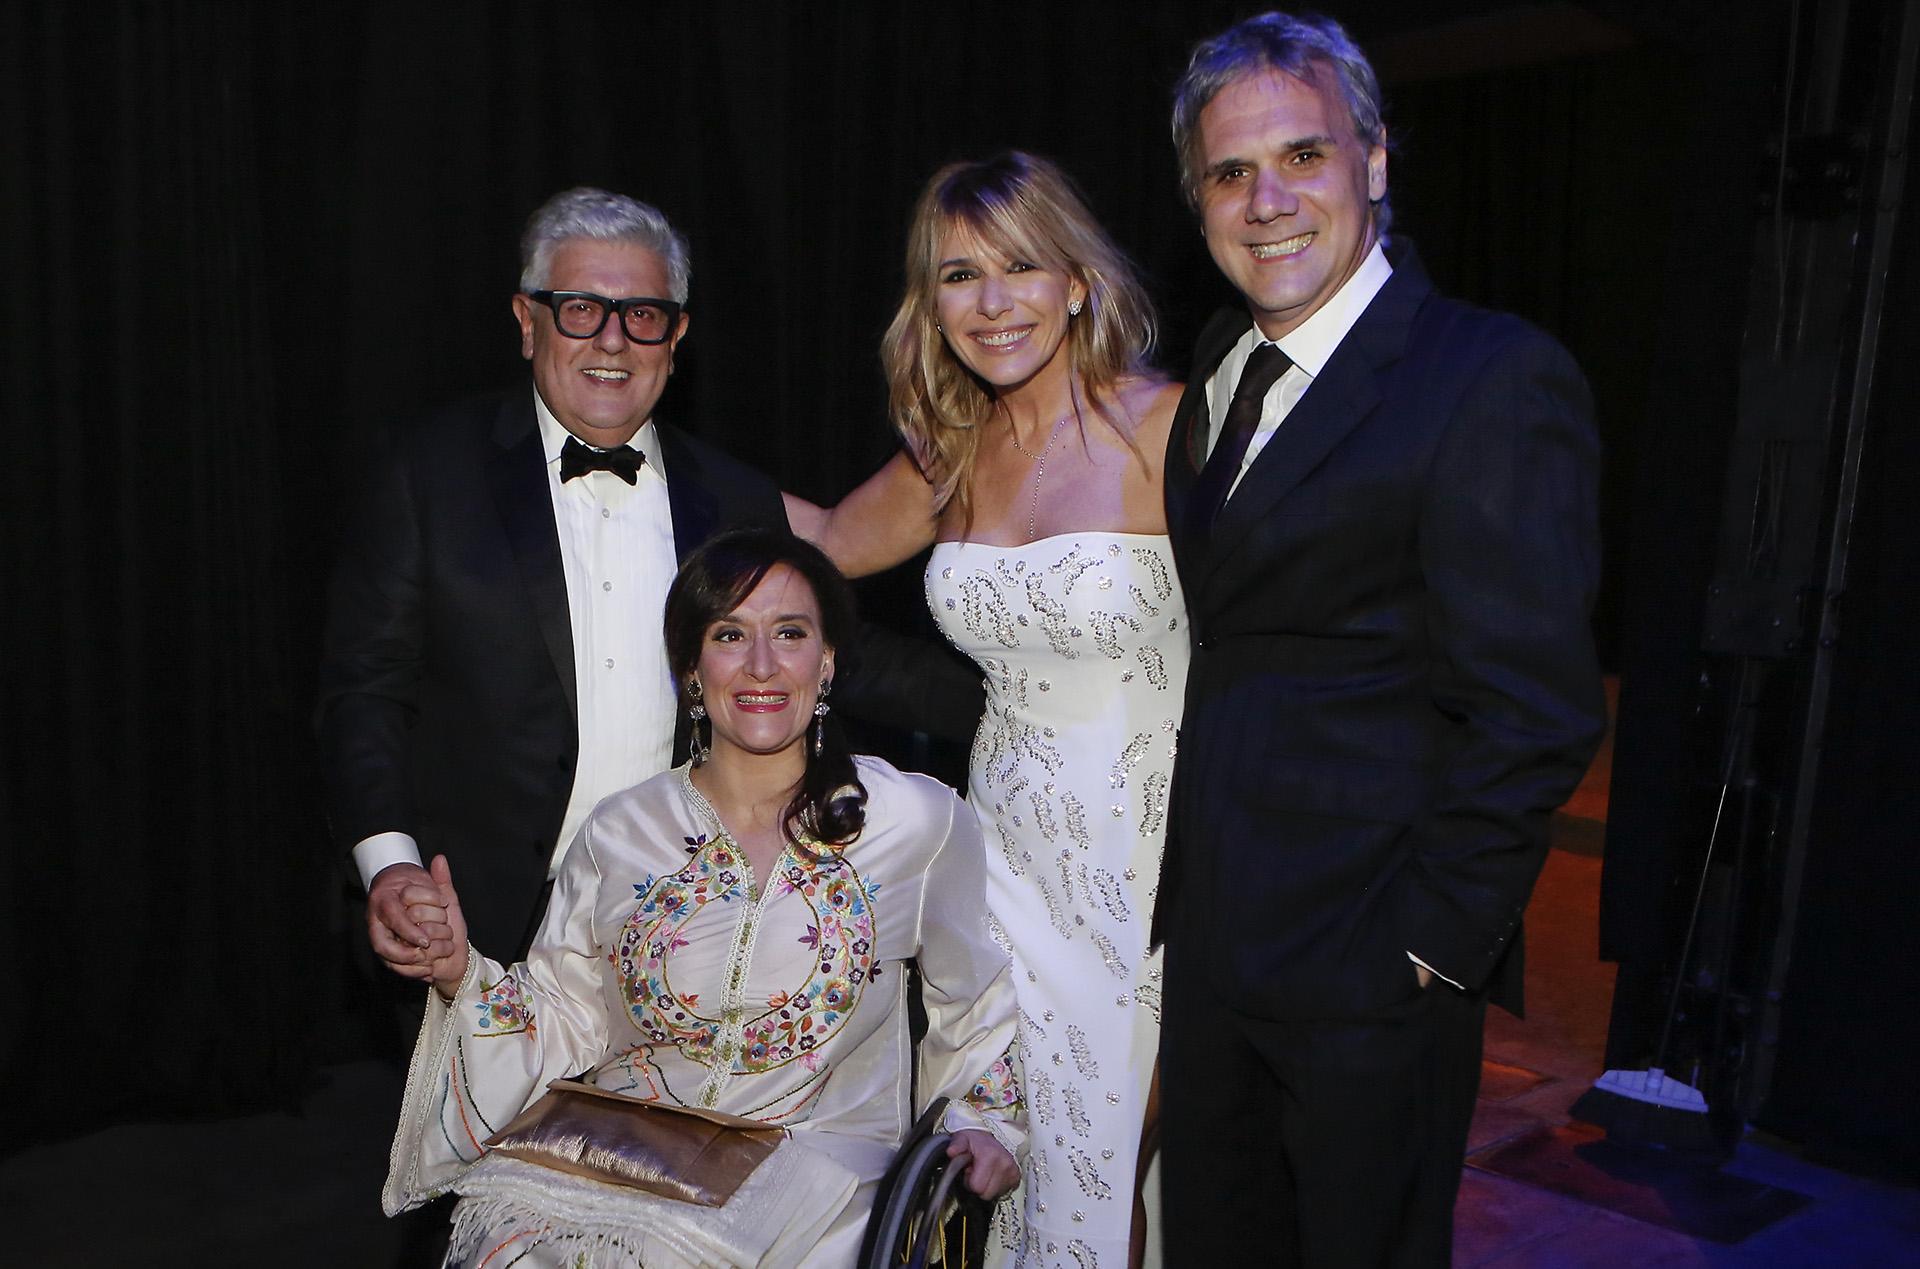 La vicepresidente de la Nación, Gabriela Michetti, y Juan Tonelli junto a Carlos Gorosito y Grace Ratto